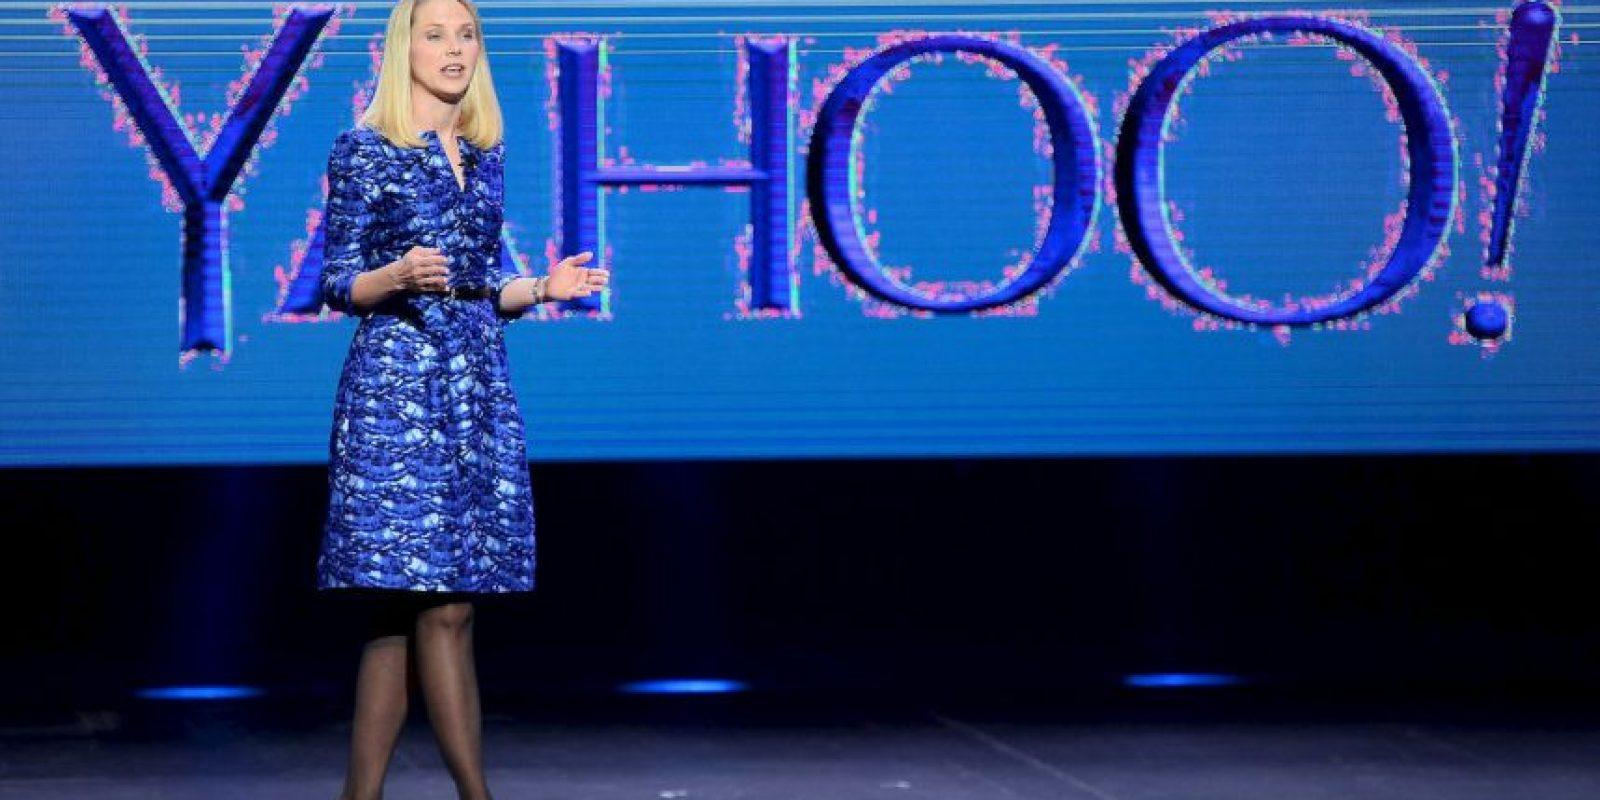 La CEO de Yahoo ocupa el puesto 22 de la lista de Forbes y tiene 39 años. Foto:Getty Images